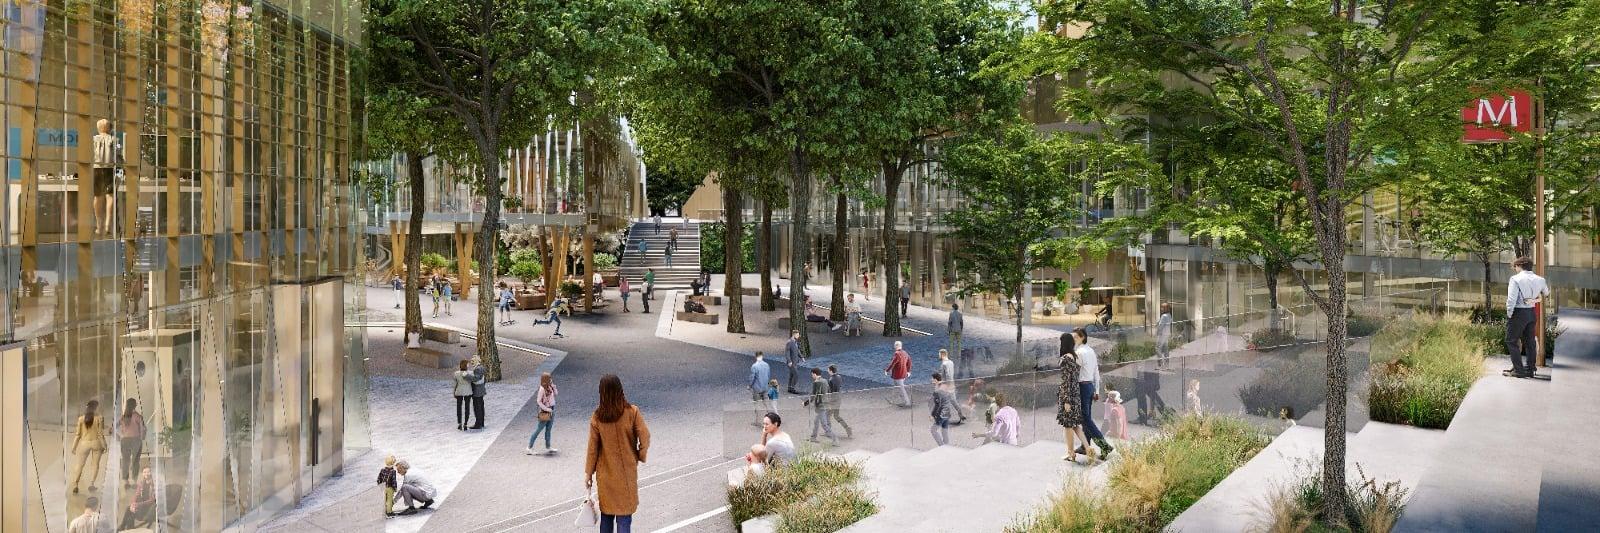 LOC - Loreto open community, progetto di rigenerazione di Piazzale Loreto a Milano. Rendering